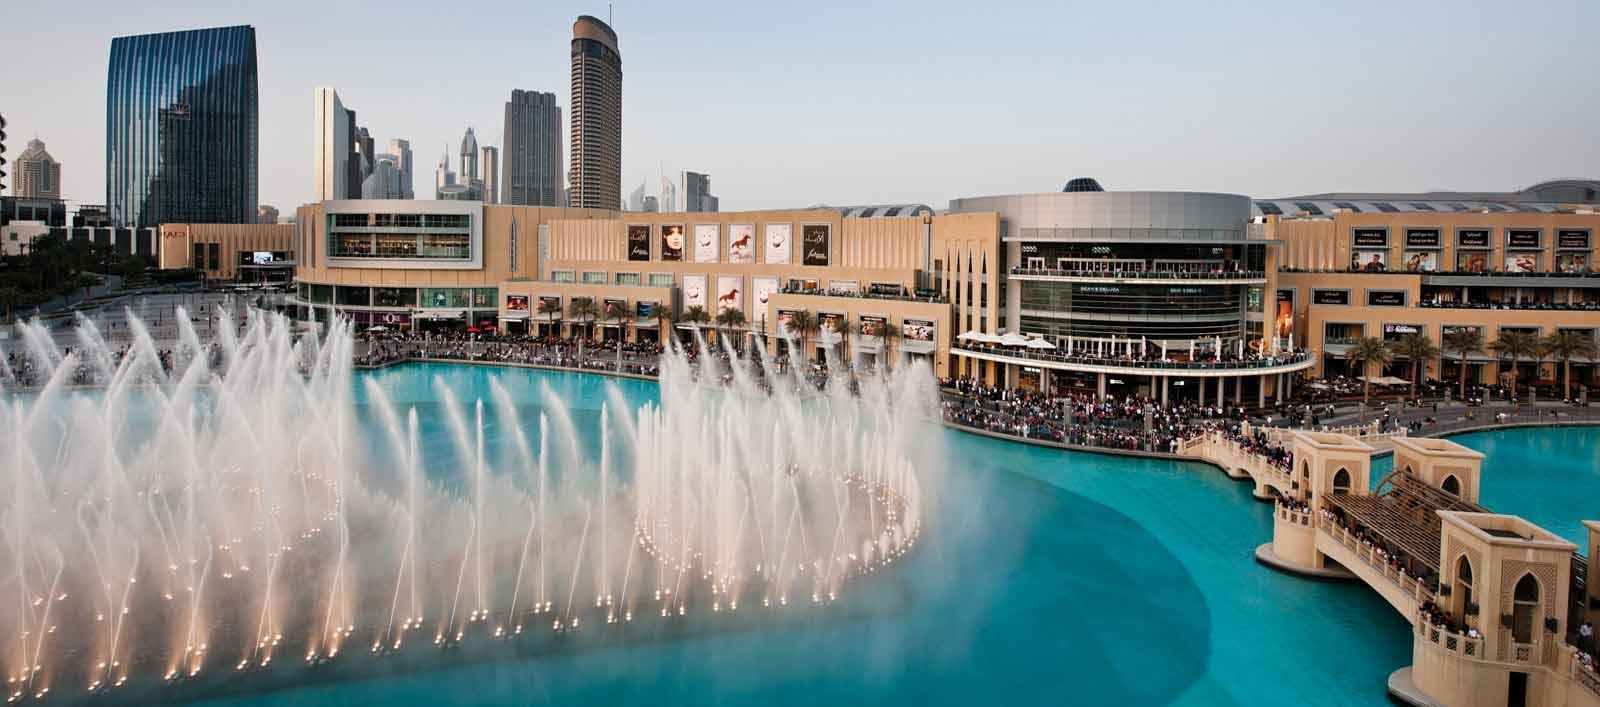 افضل مولات دبي